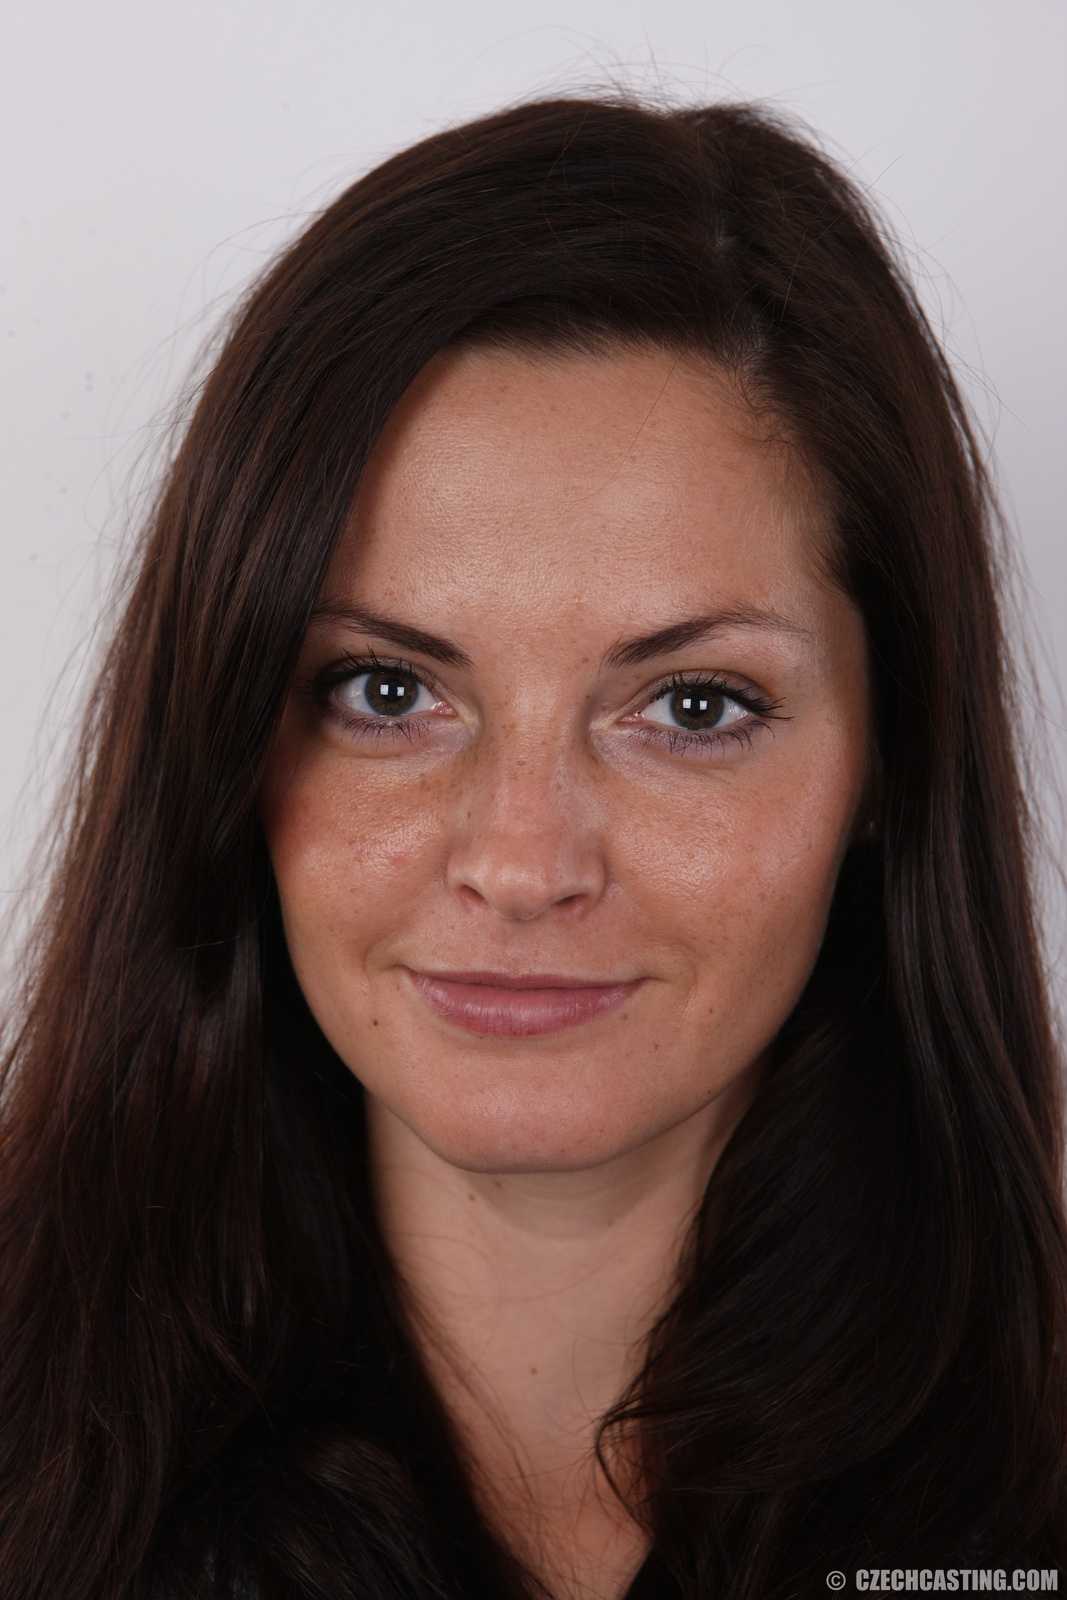 Czech casting marketa lesbicky